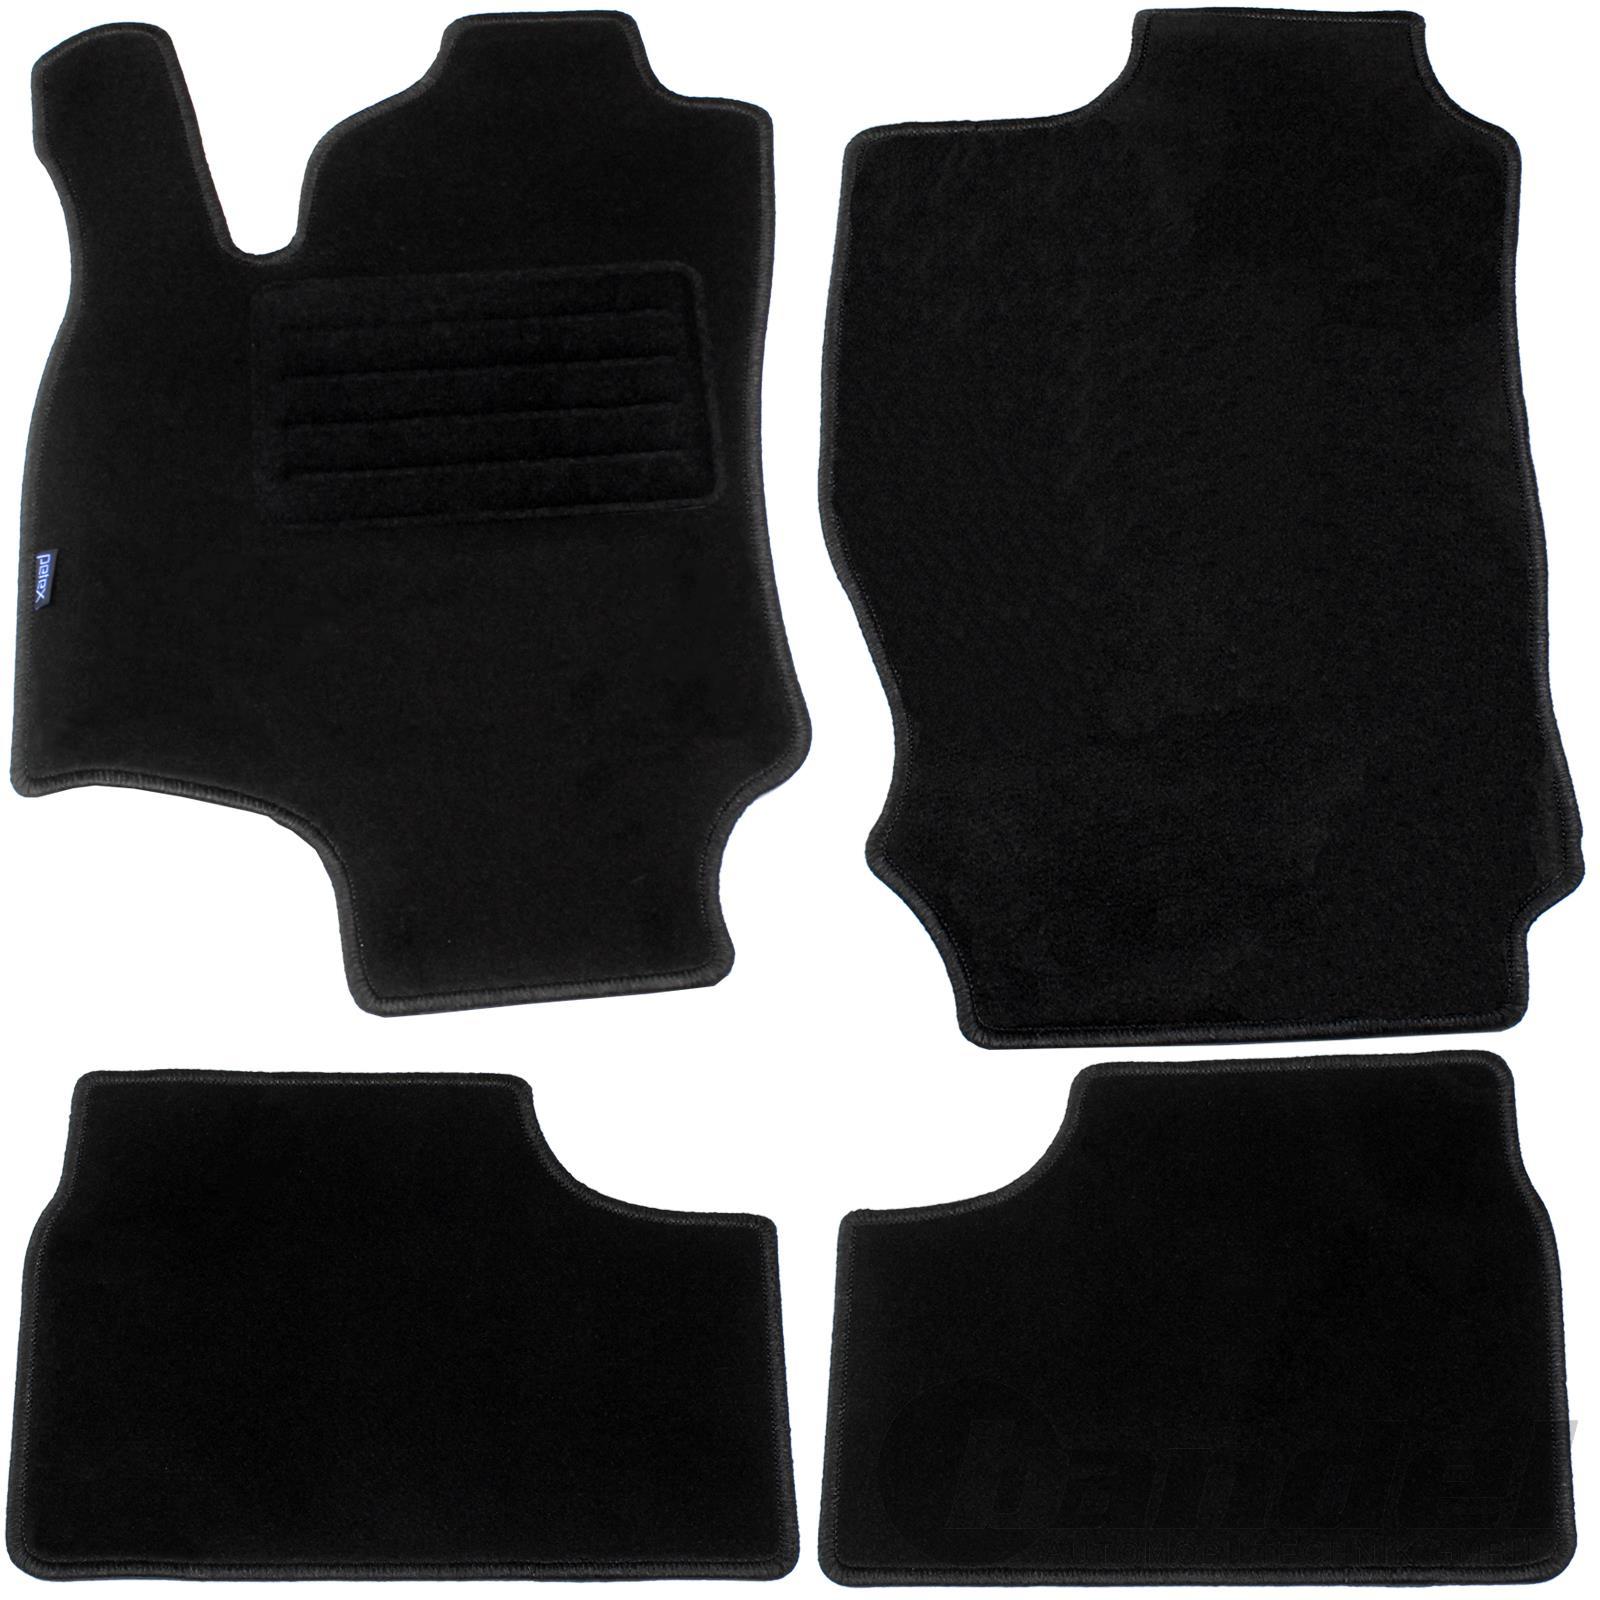 ORIGINAL Opel Textilmatten Fußmatten Automatten Satz Astra G 4-tlg 1724186